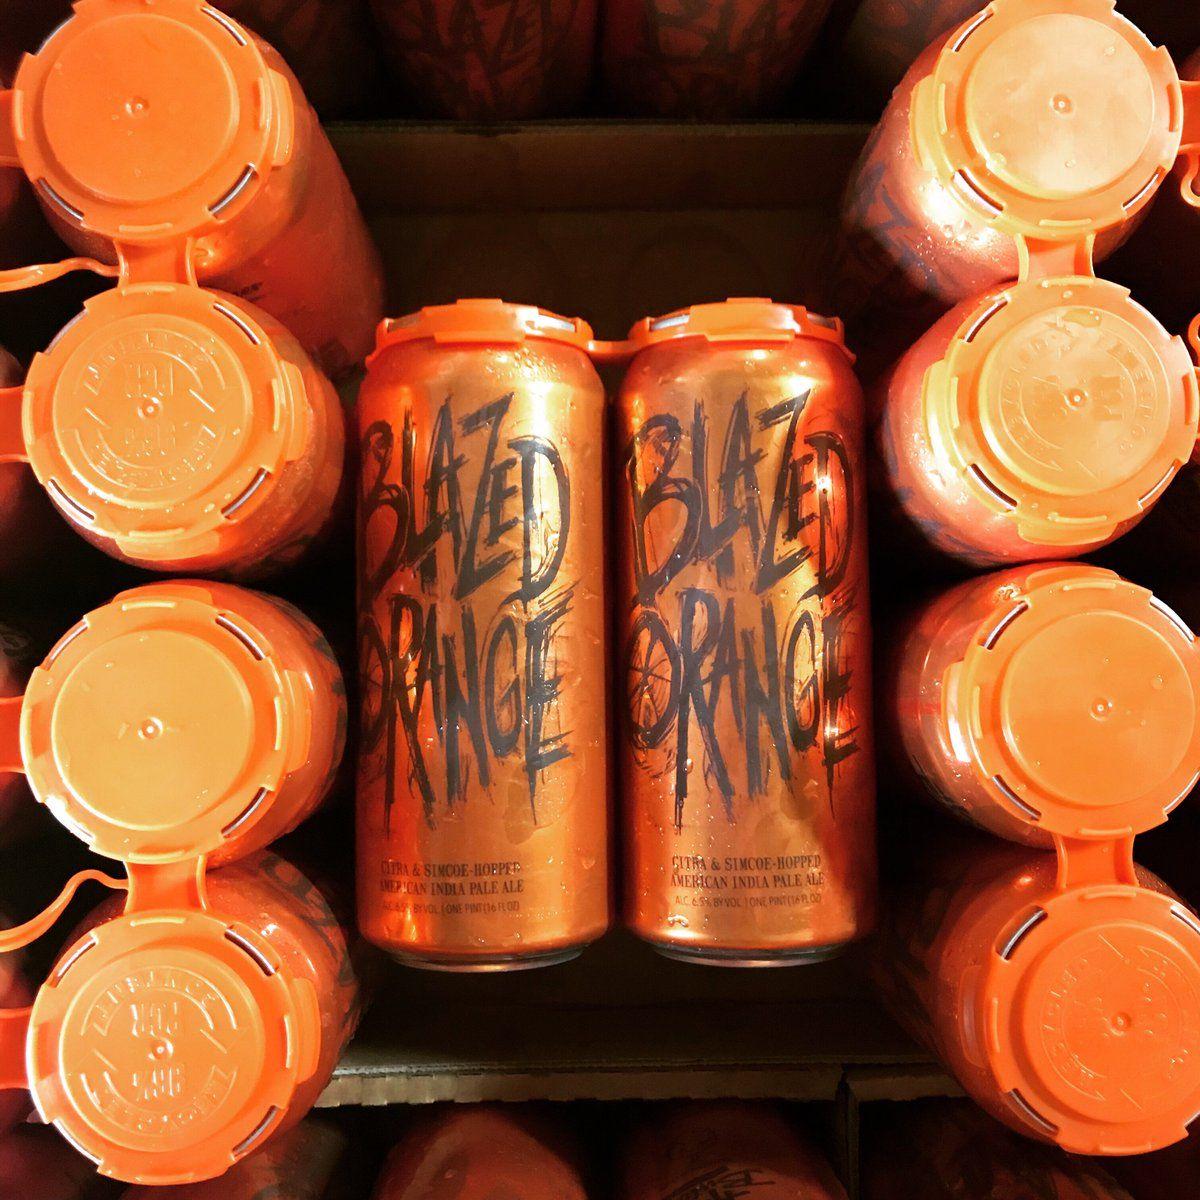 Image result for hop butcher orange blazed Pale ale